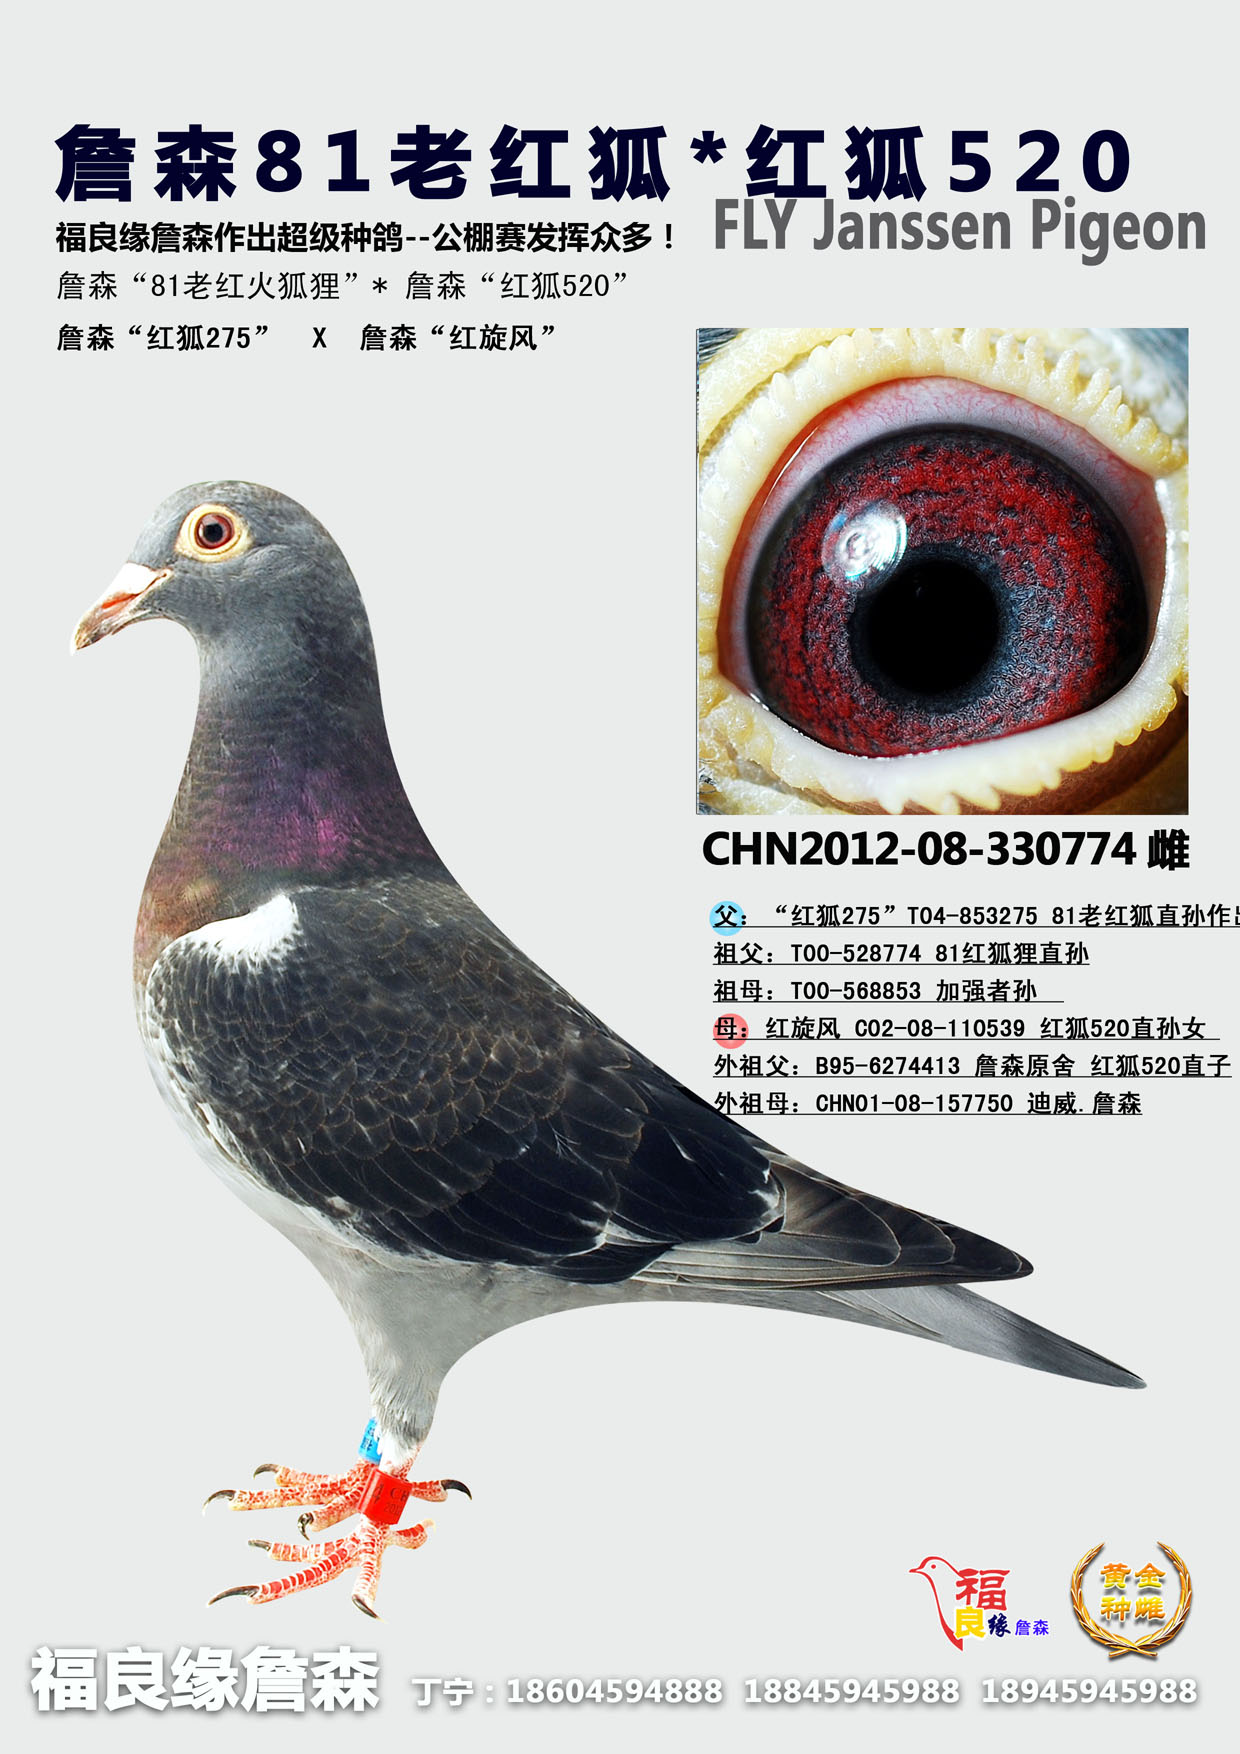 福良缘詹森 - 中信网铭鸽展厅 www.ag188.com图片